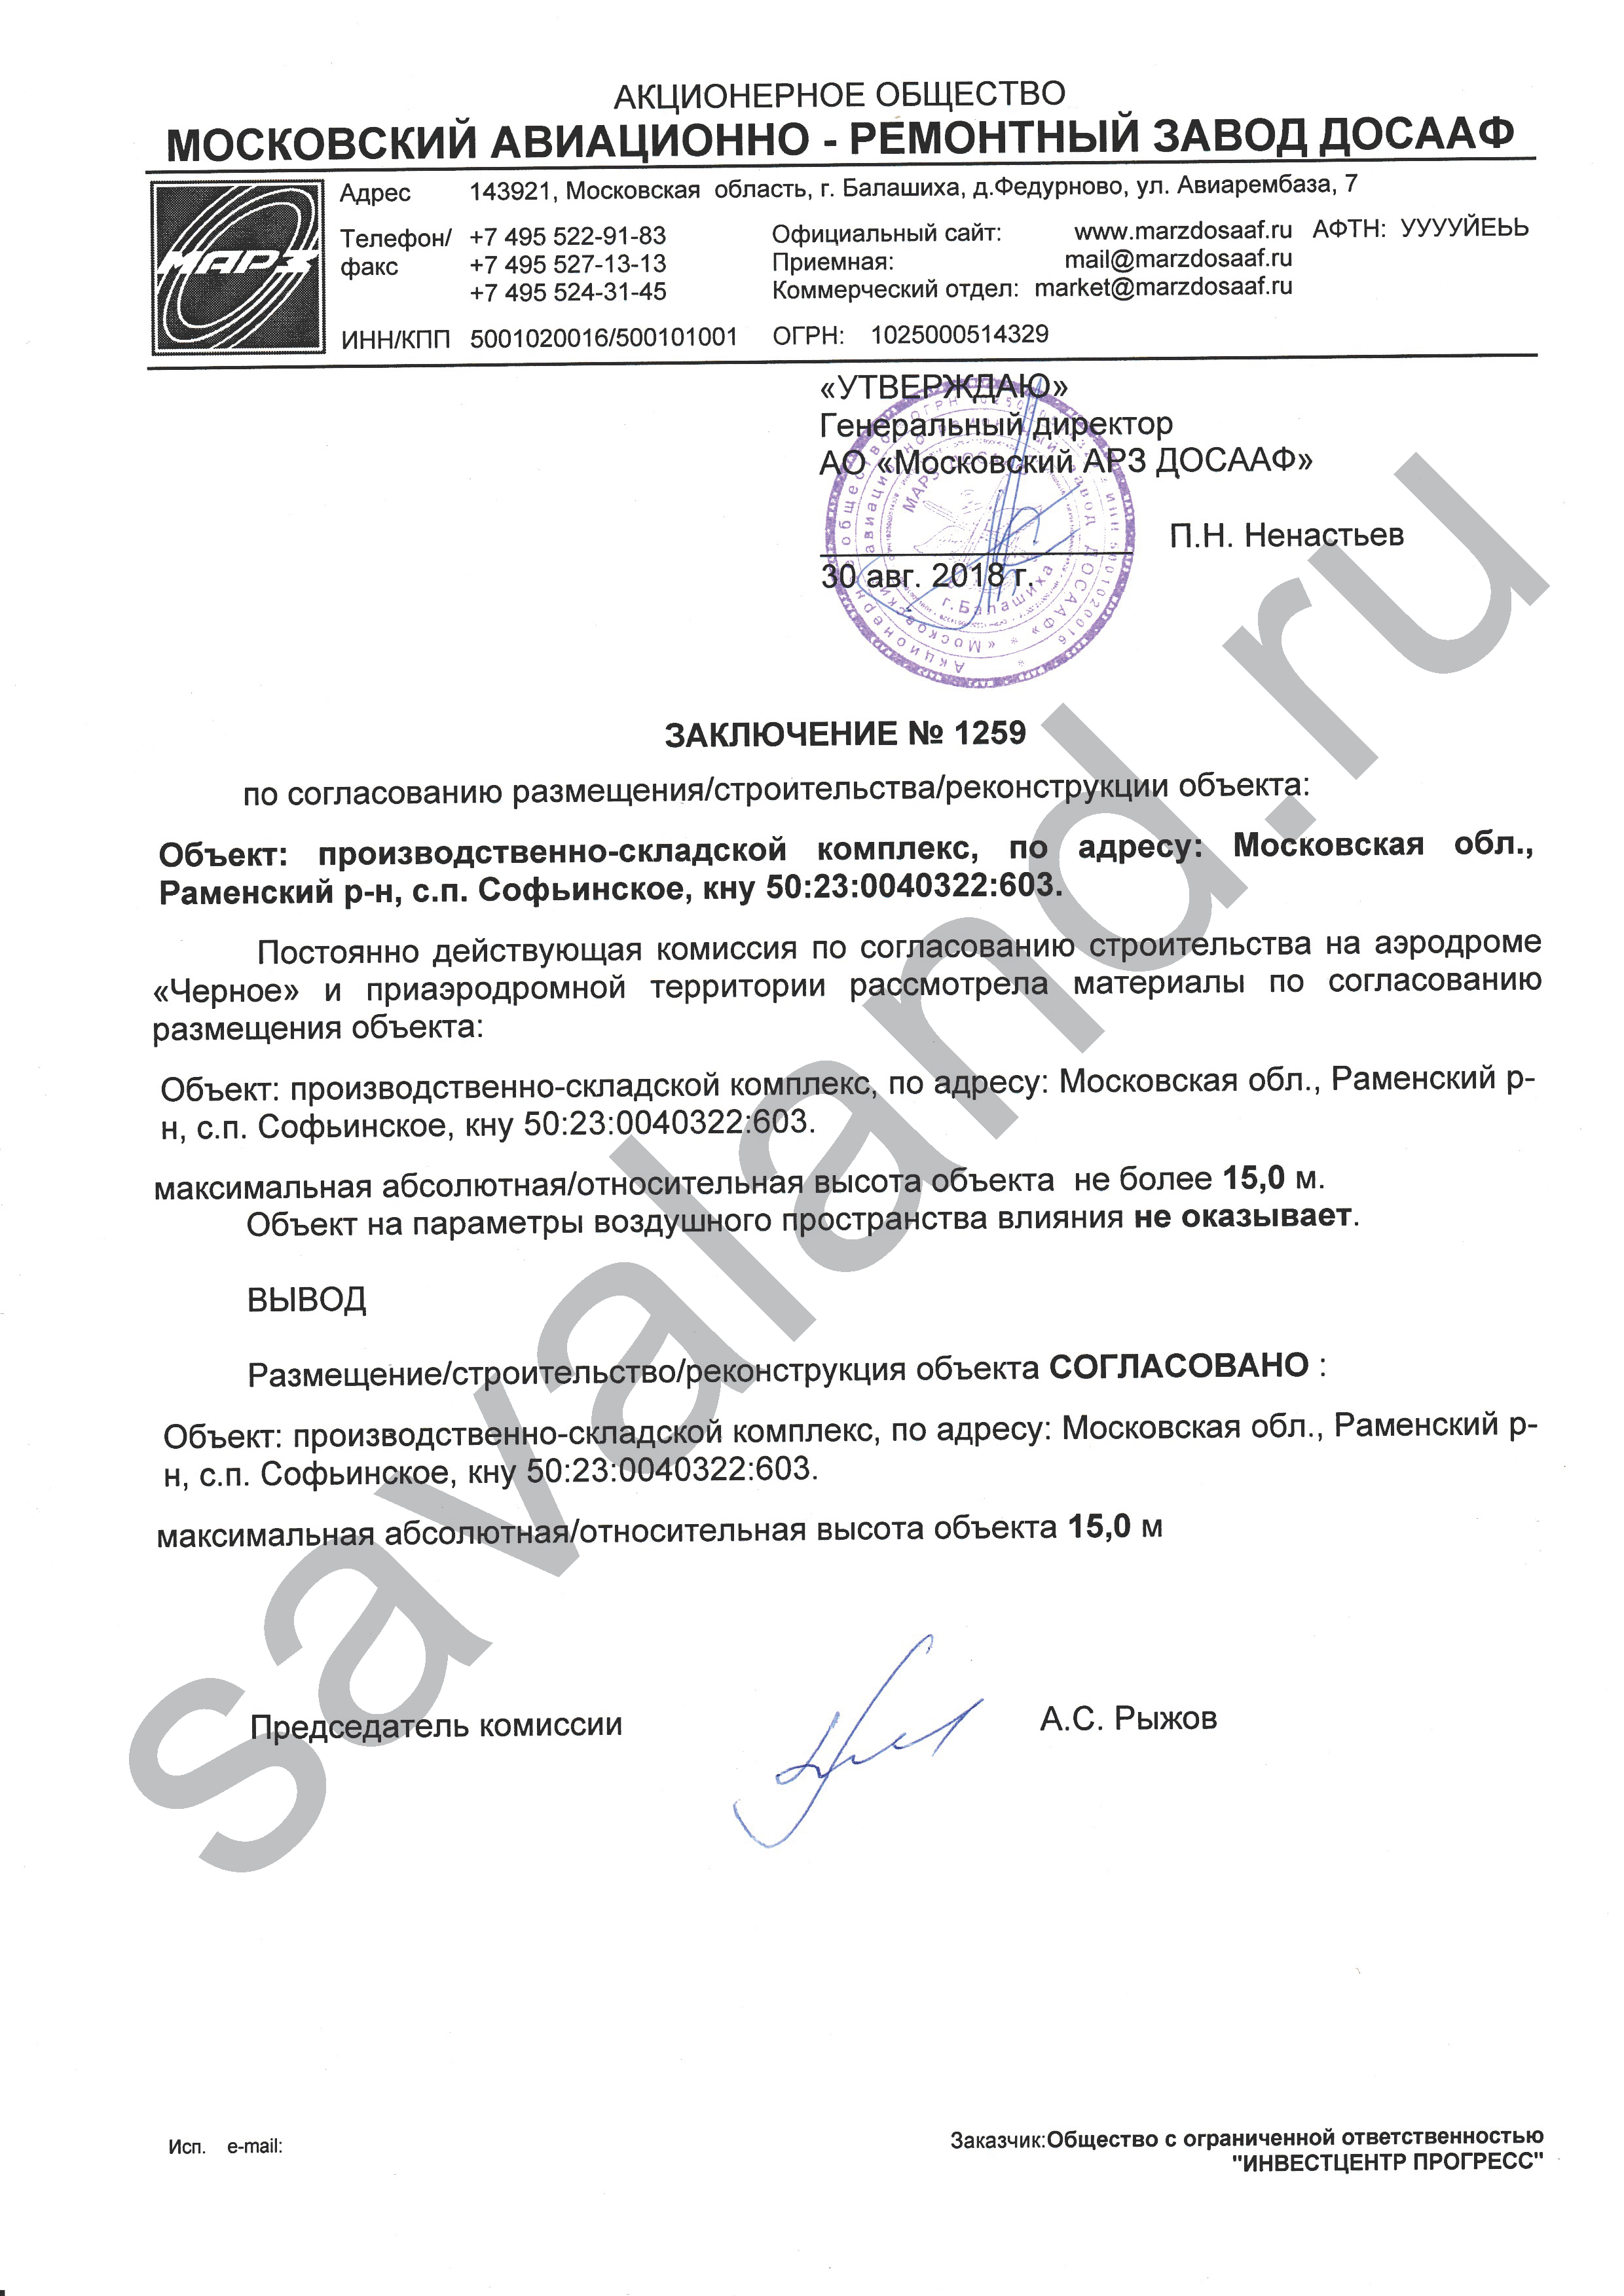 Разрешение на строительство линейного объекта - градостроитель